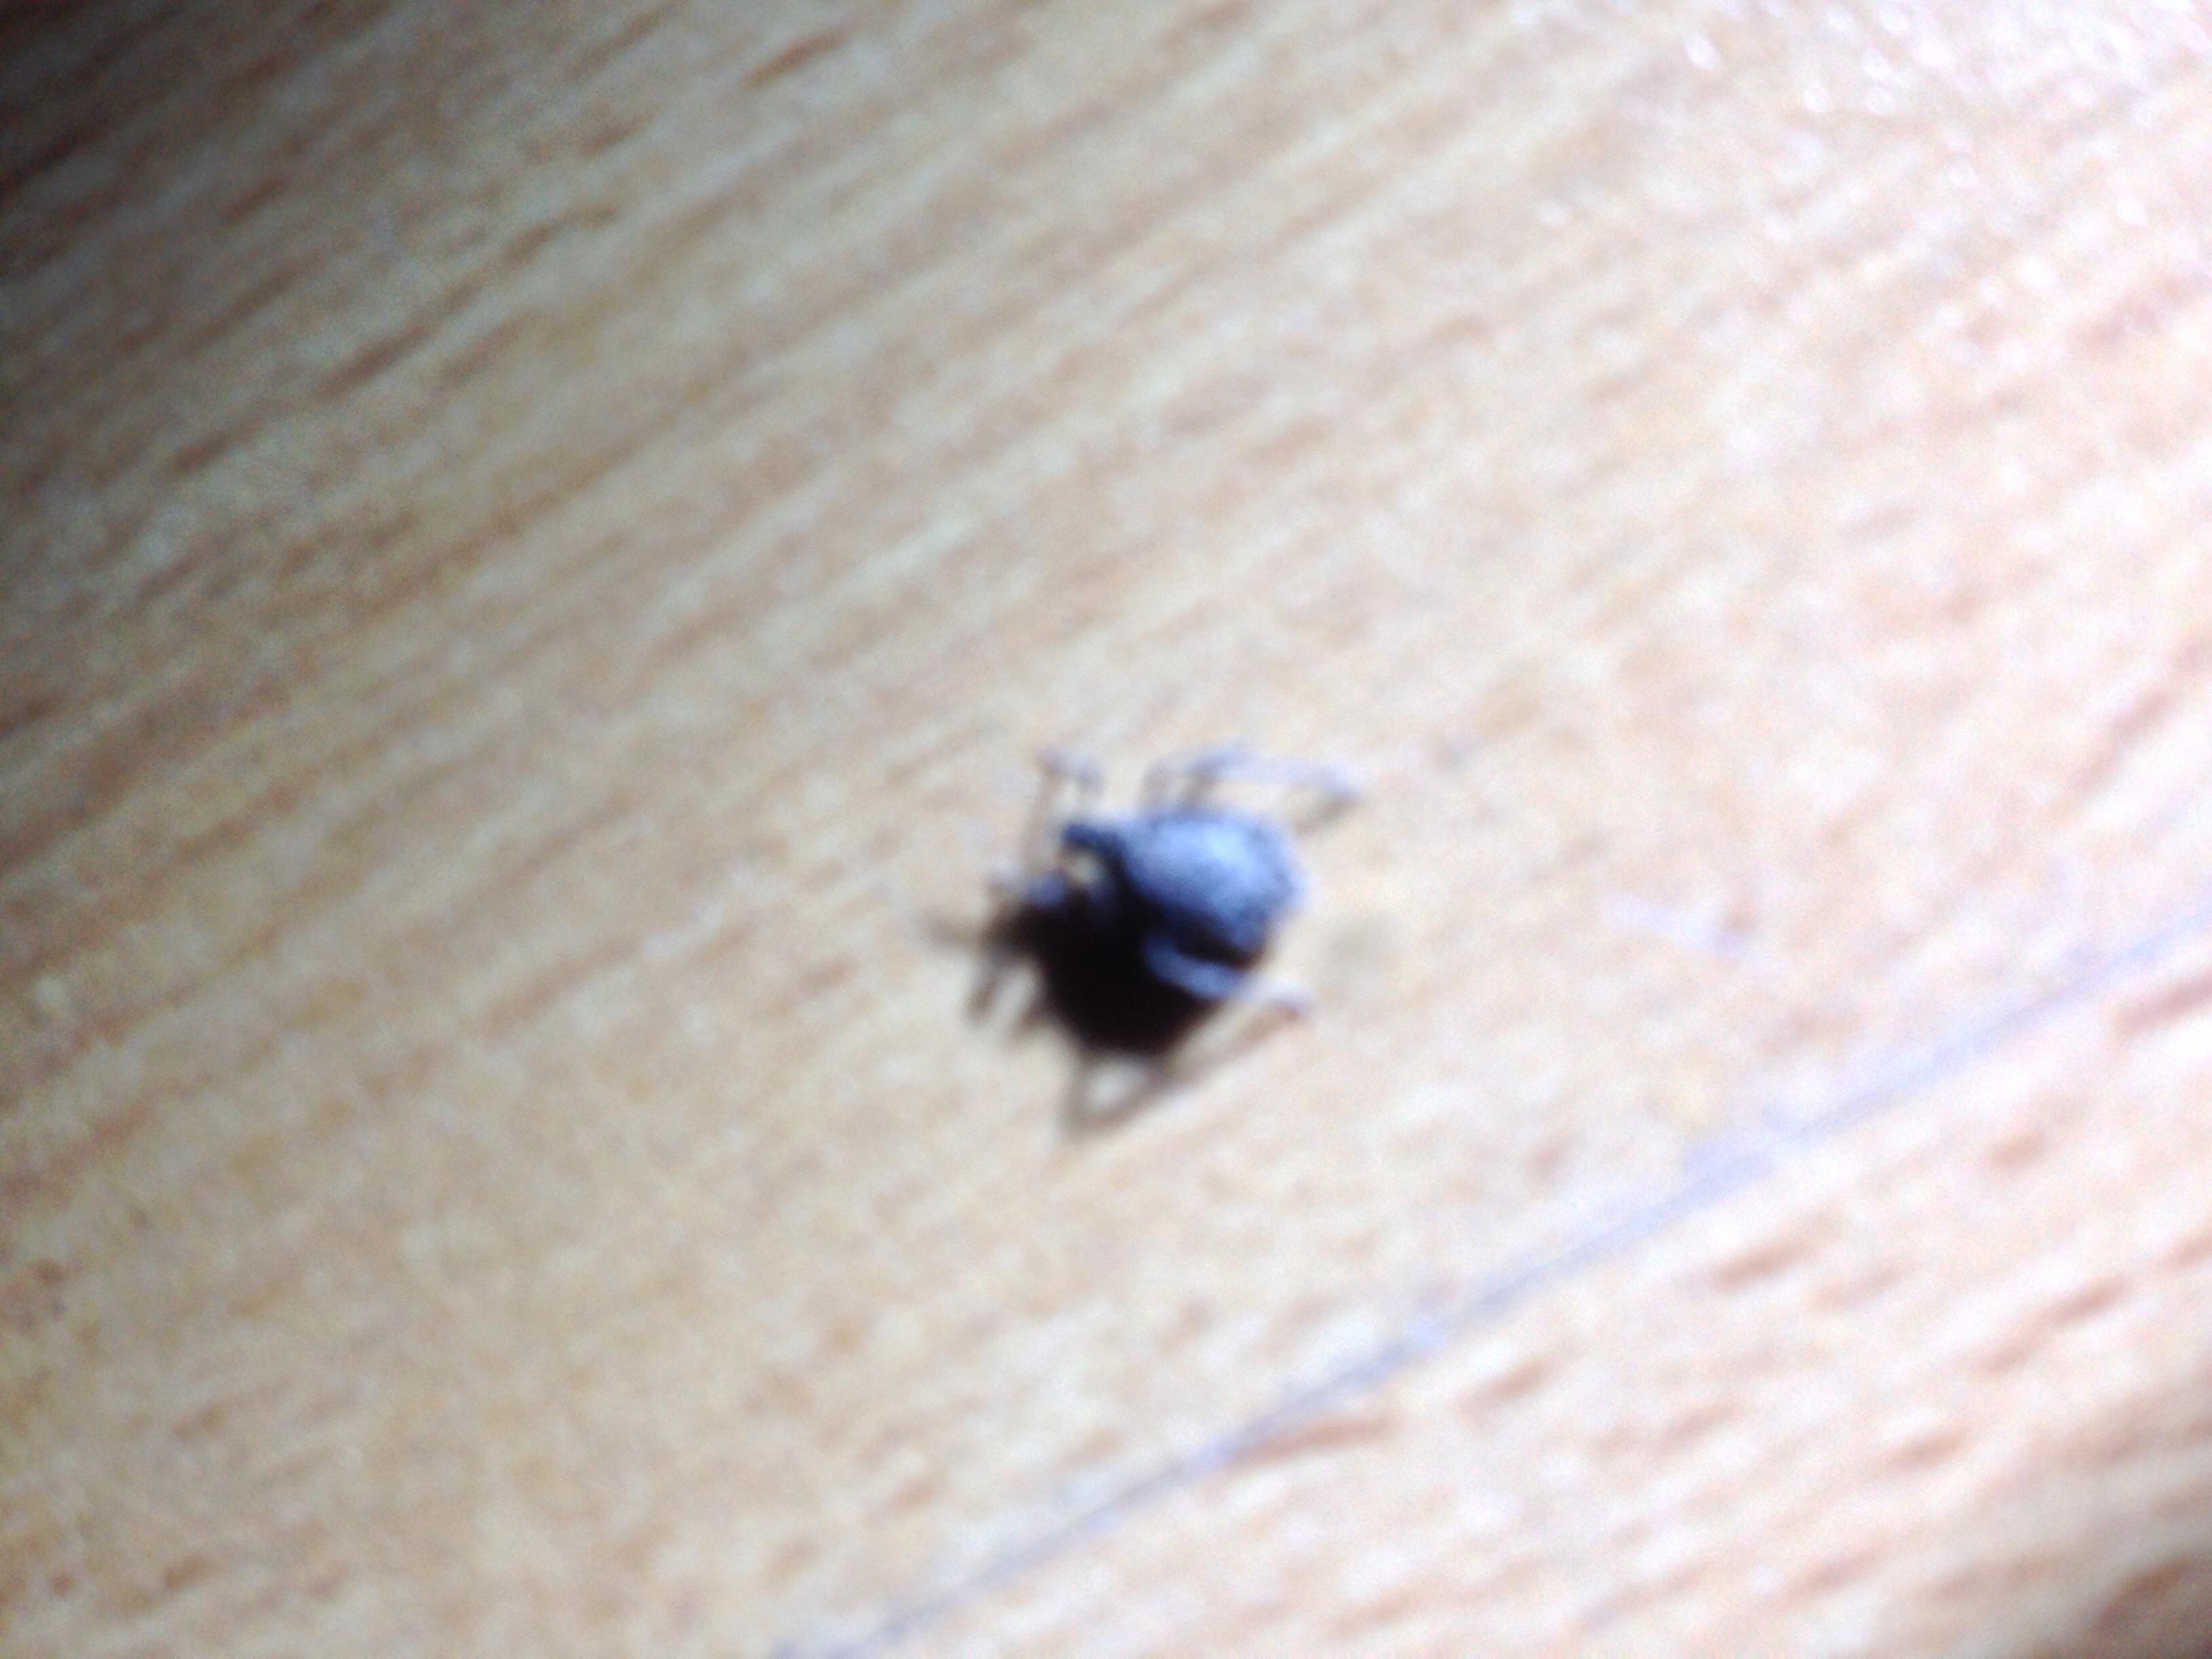 Spinnenartige Insekten im Tannenbaum?! (Ungeziefer)